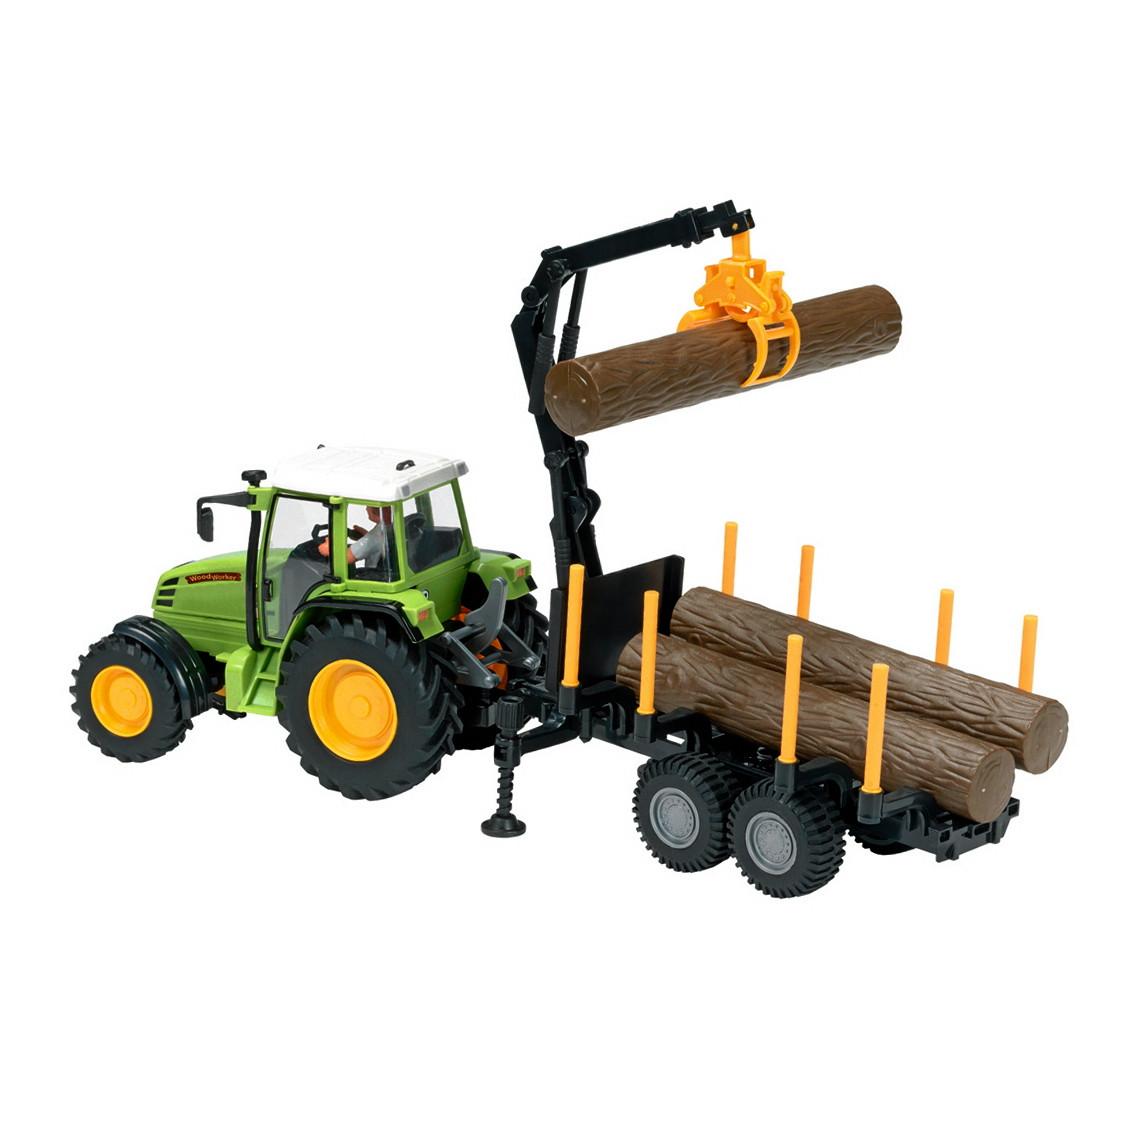 Трактор с прицепом, 42 см (зелёный с перевозчиком брёвен) «Dickie Toys» (3474601)